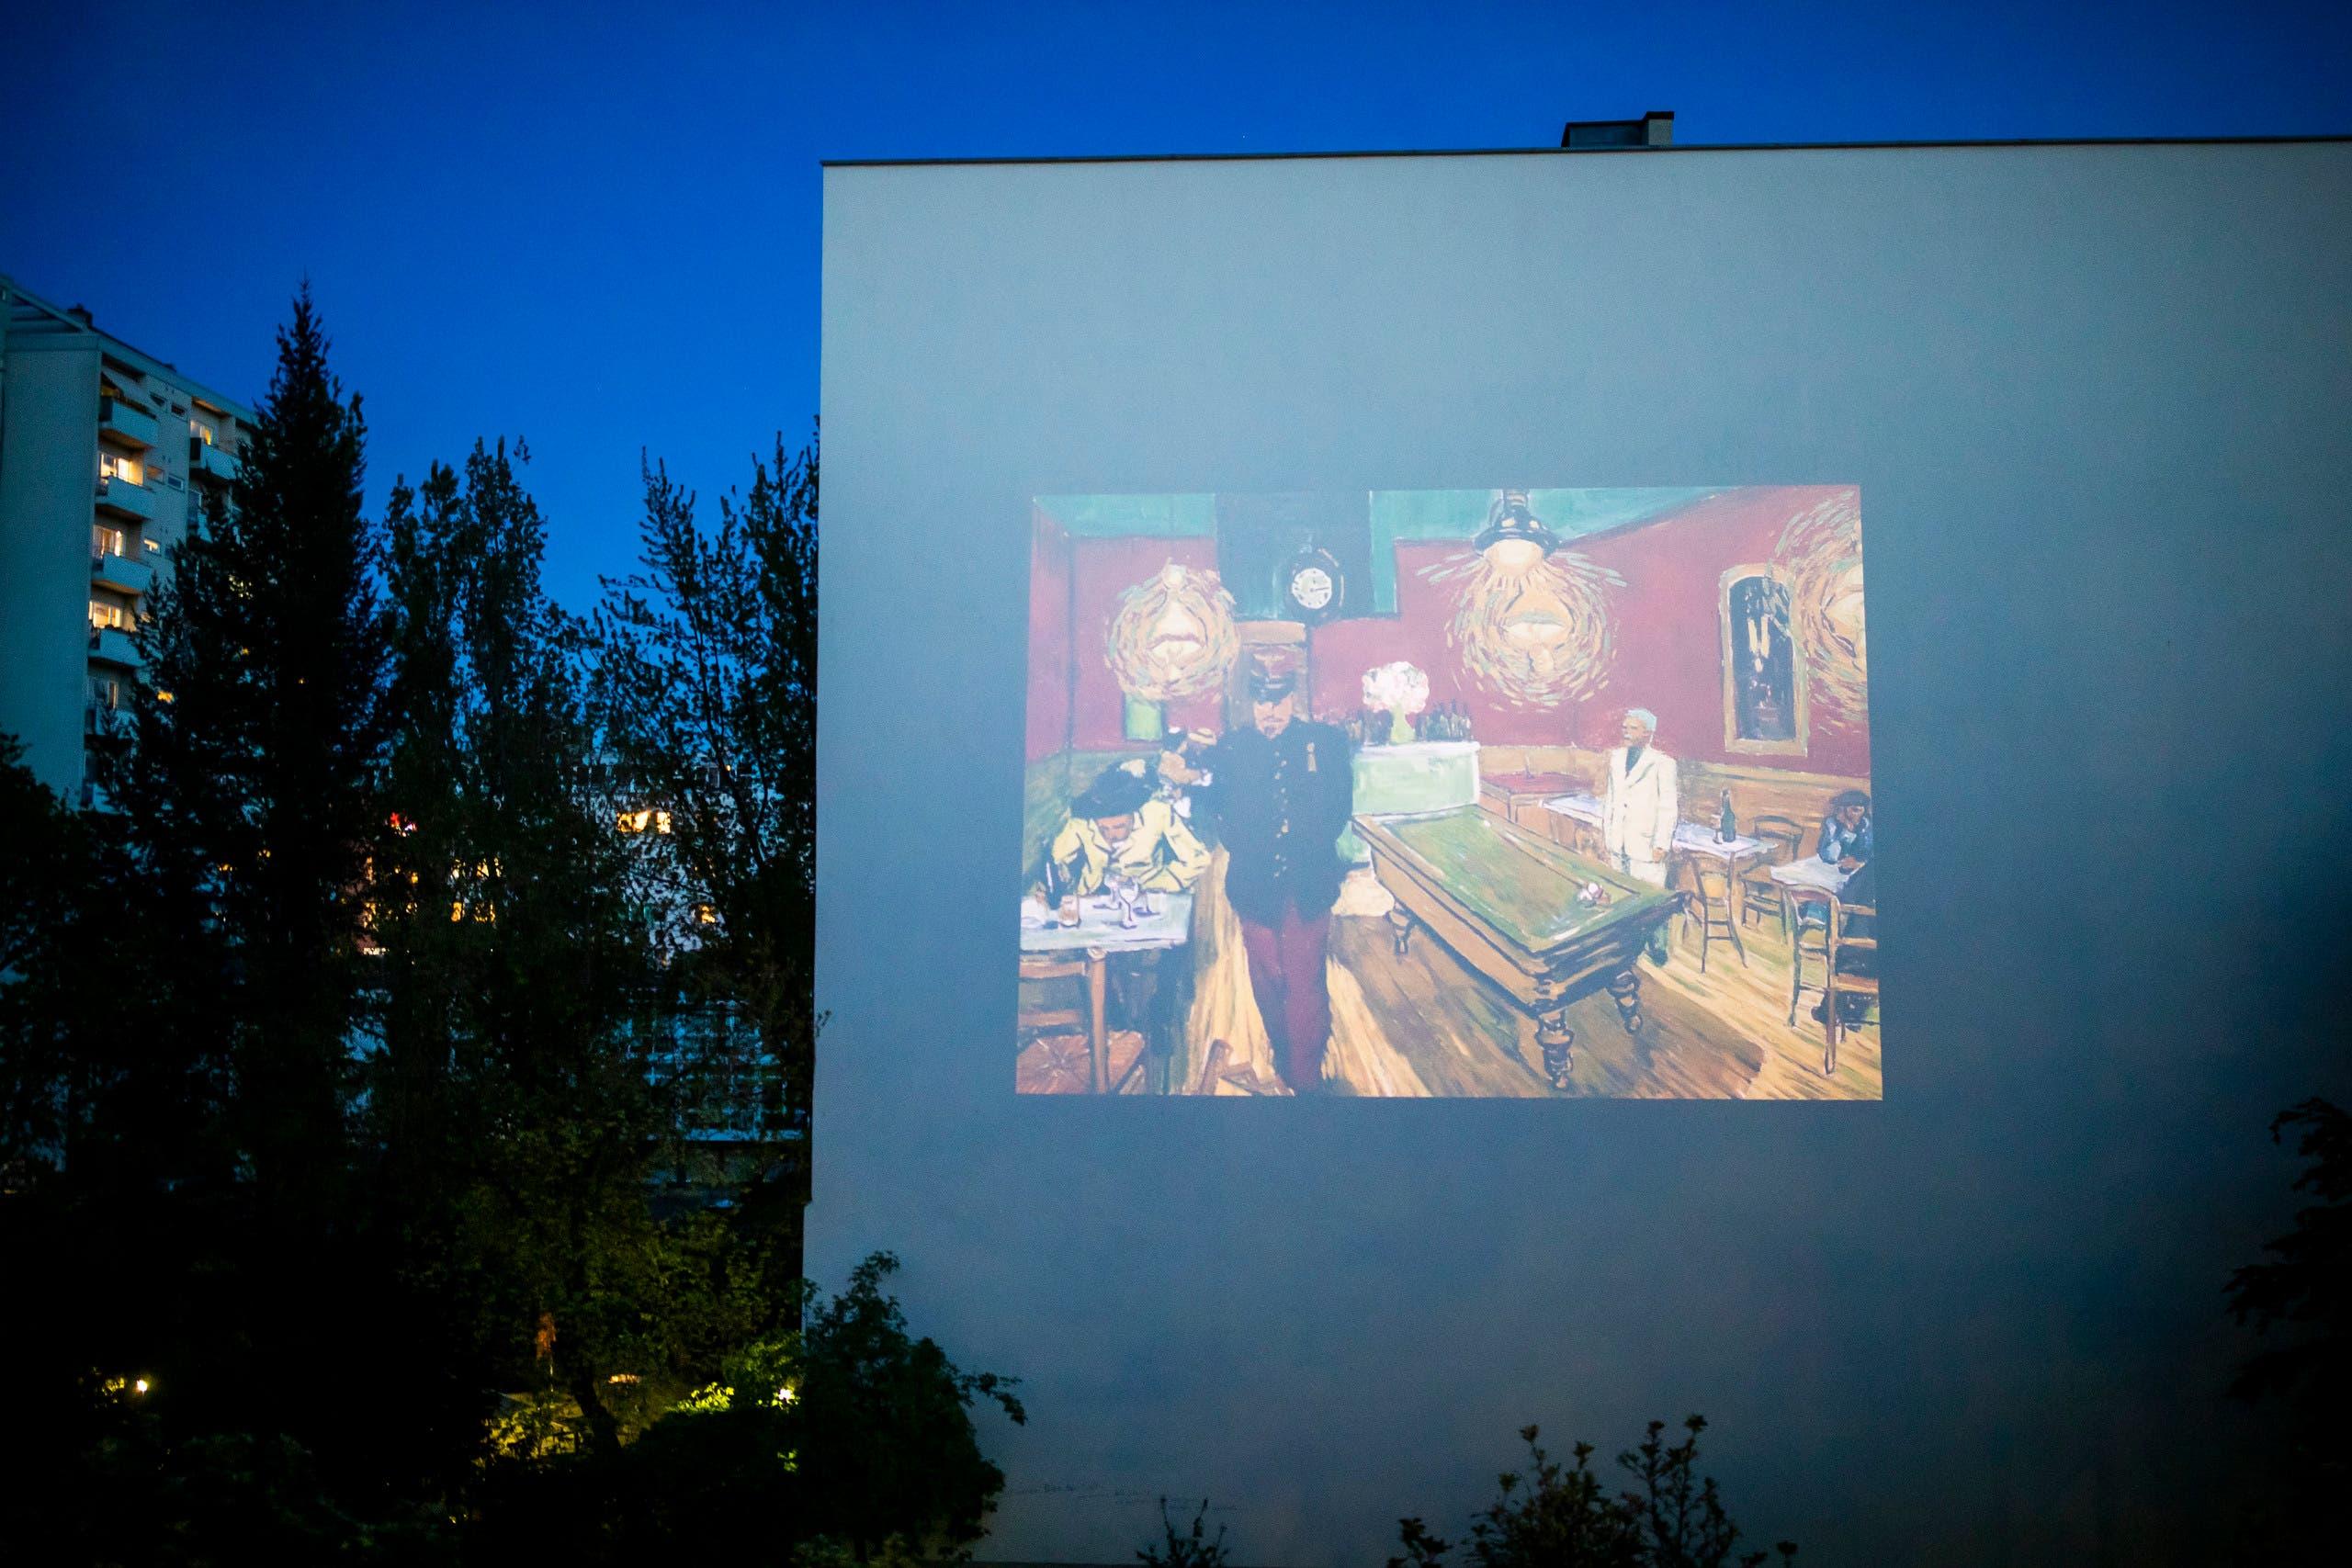 الفيلم يعرض على أحد الجدران